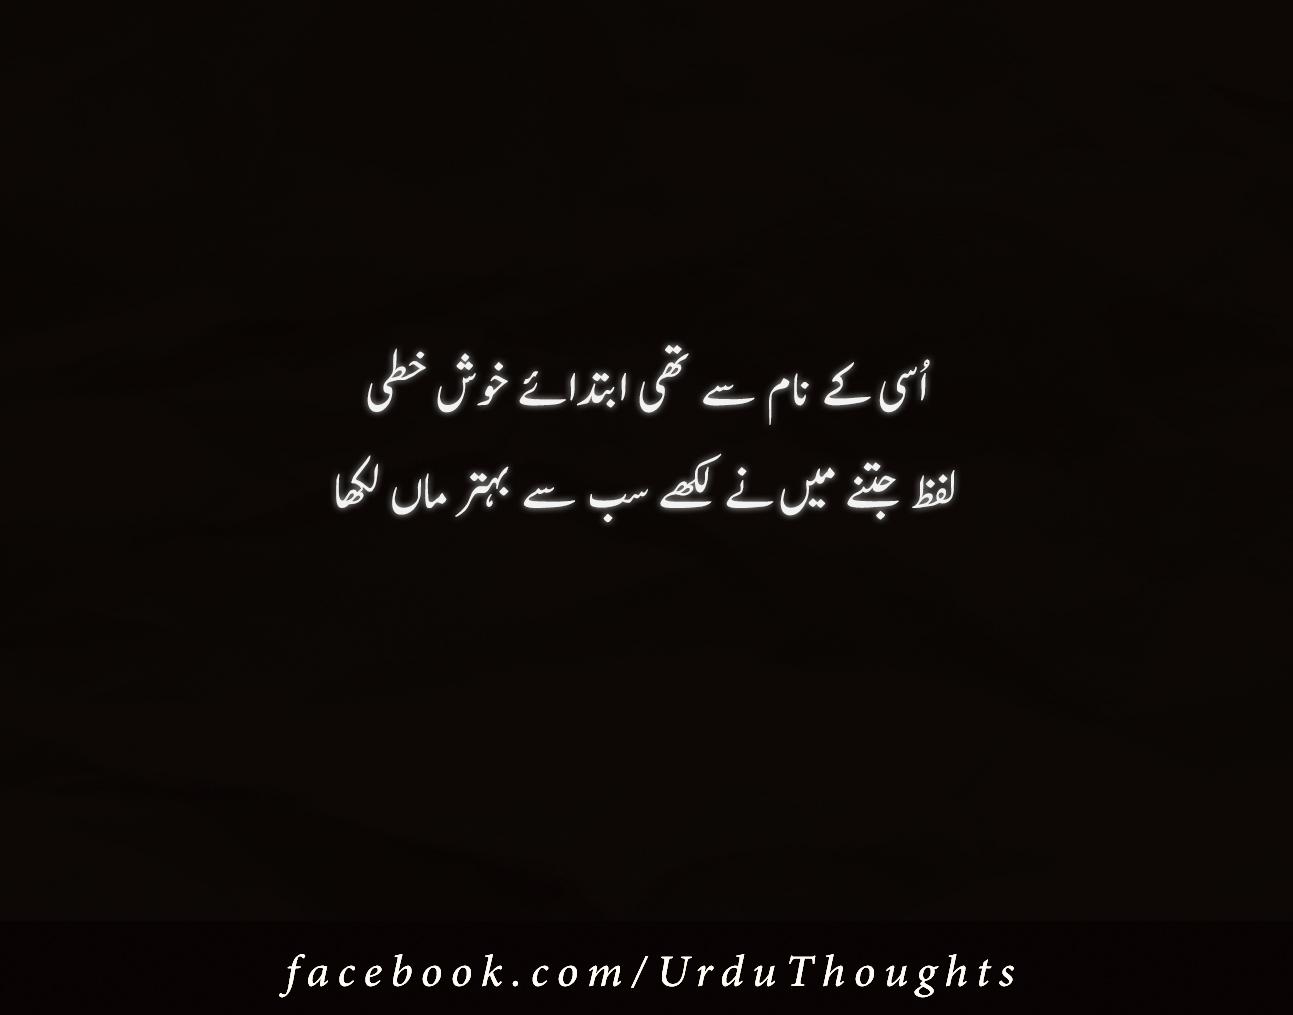 best urdu poetry wallpaper download